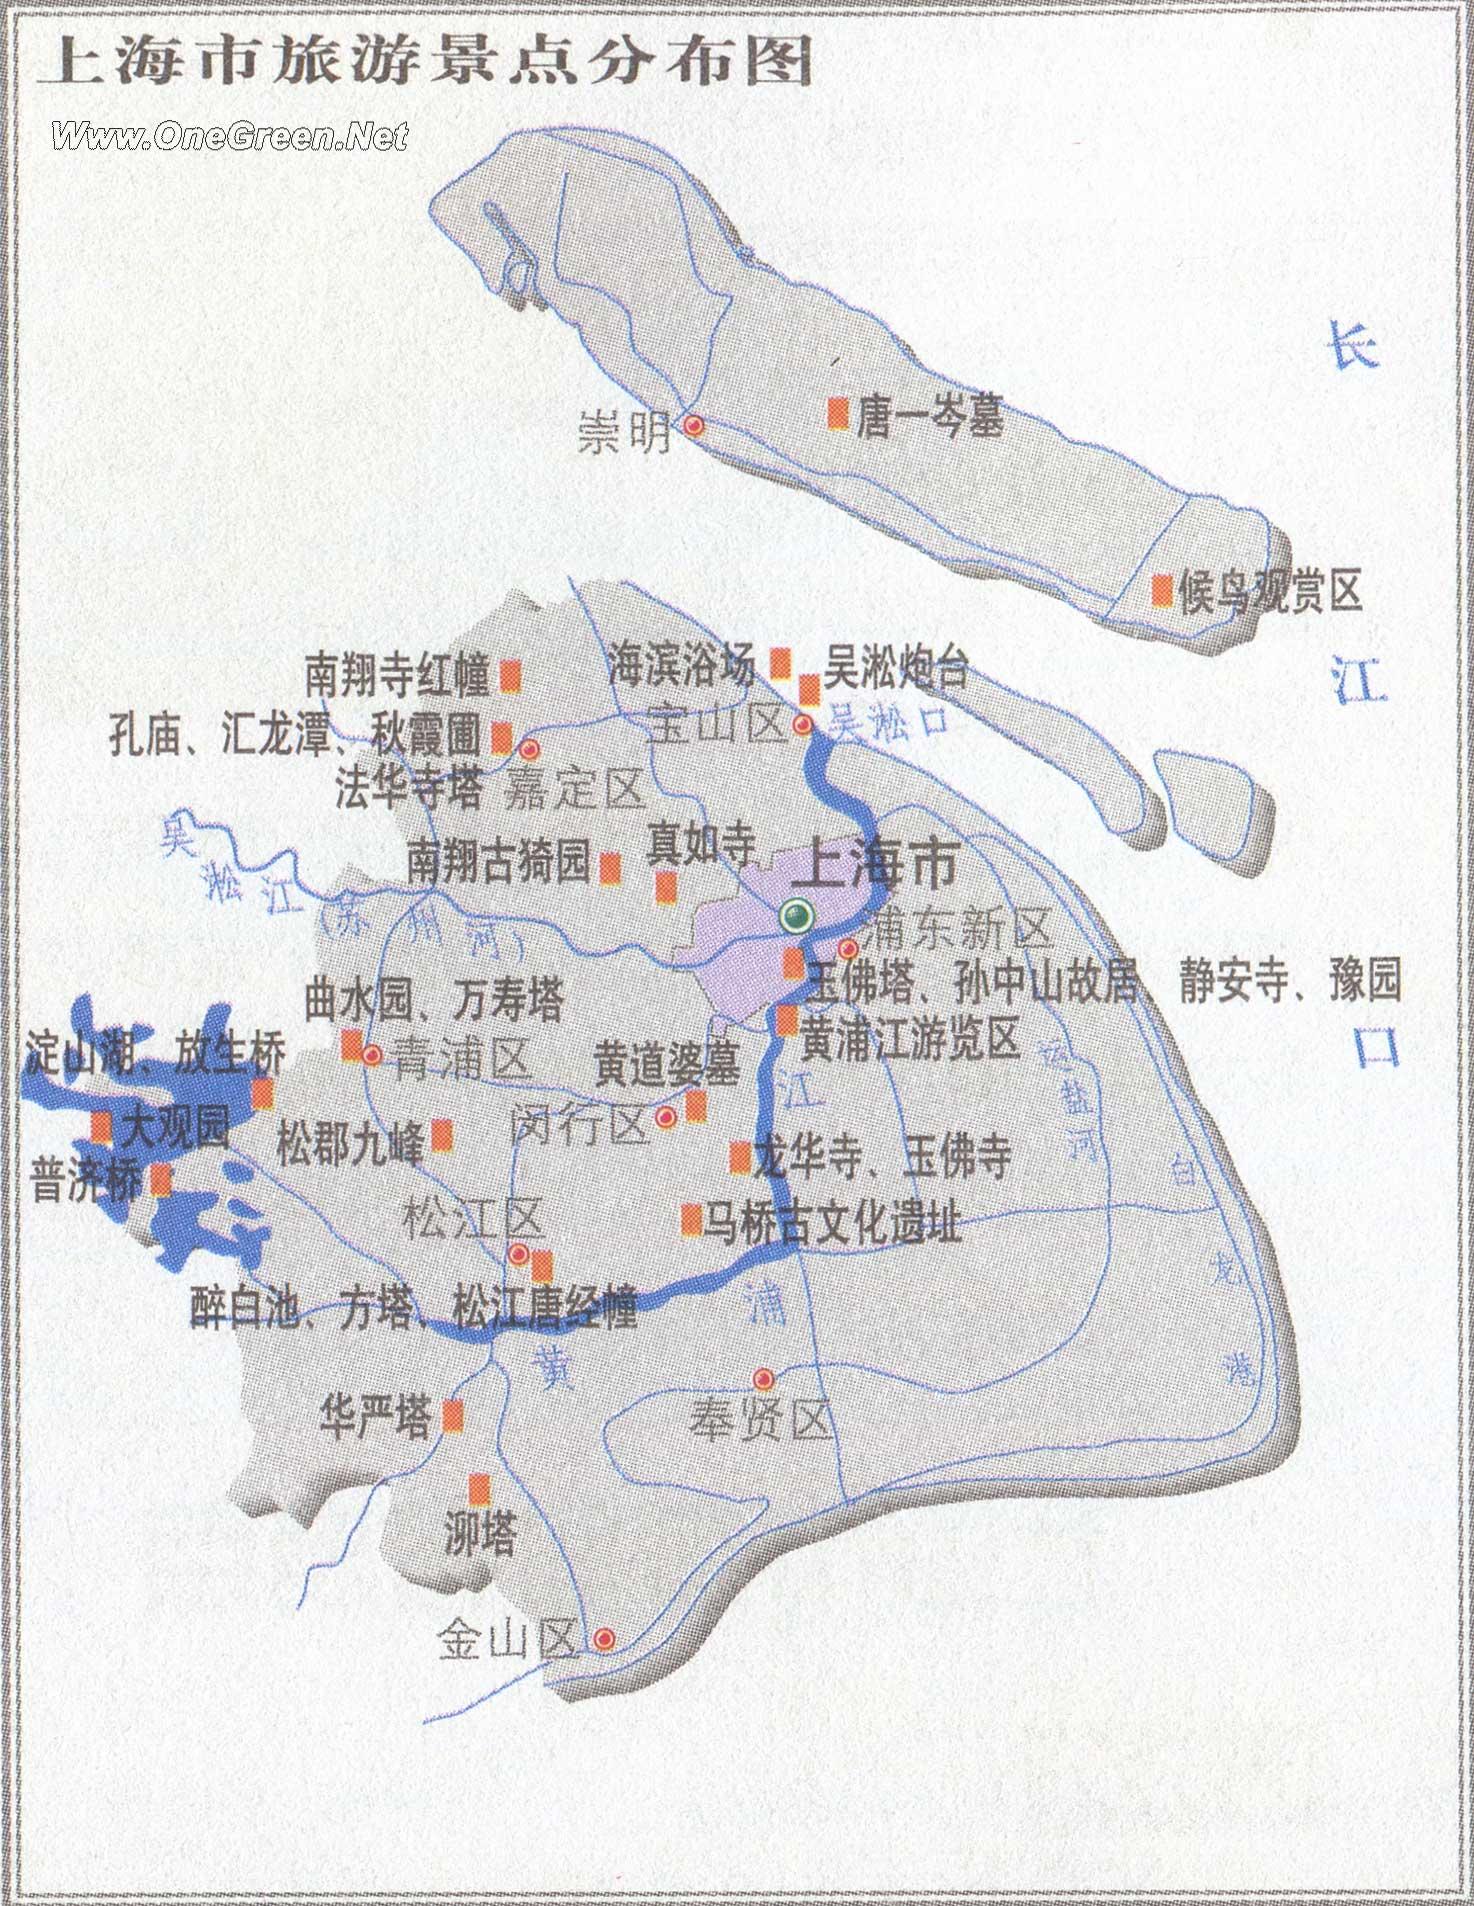 上海旅游景点分布图_上海地图库